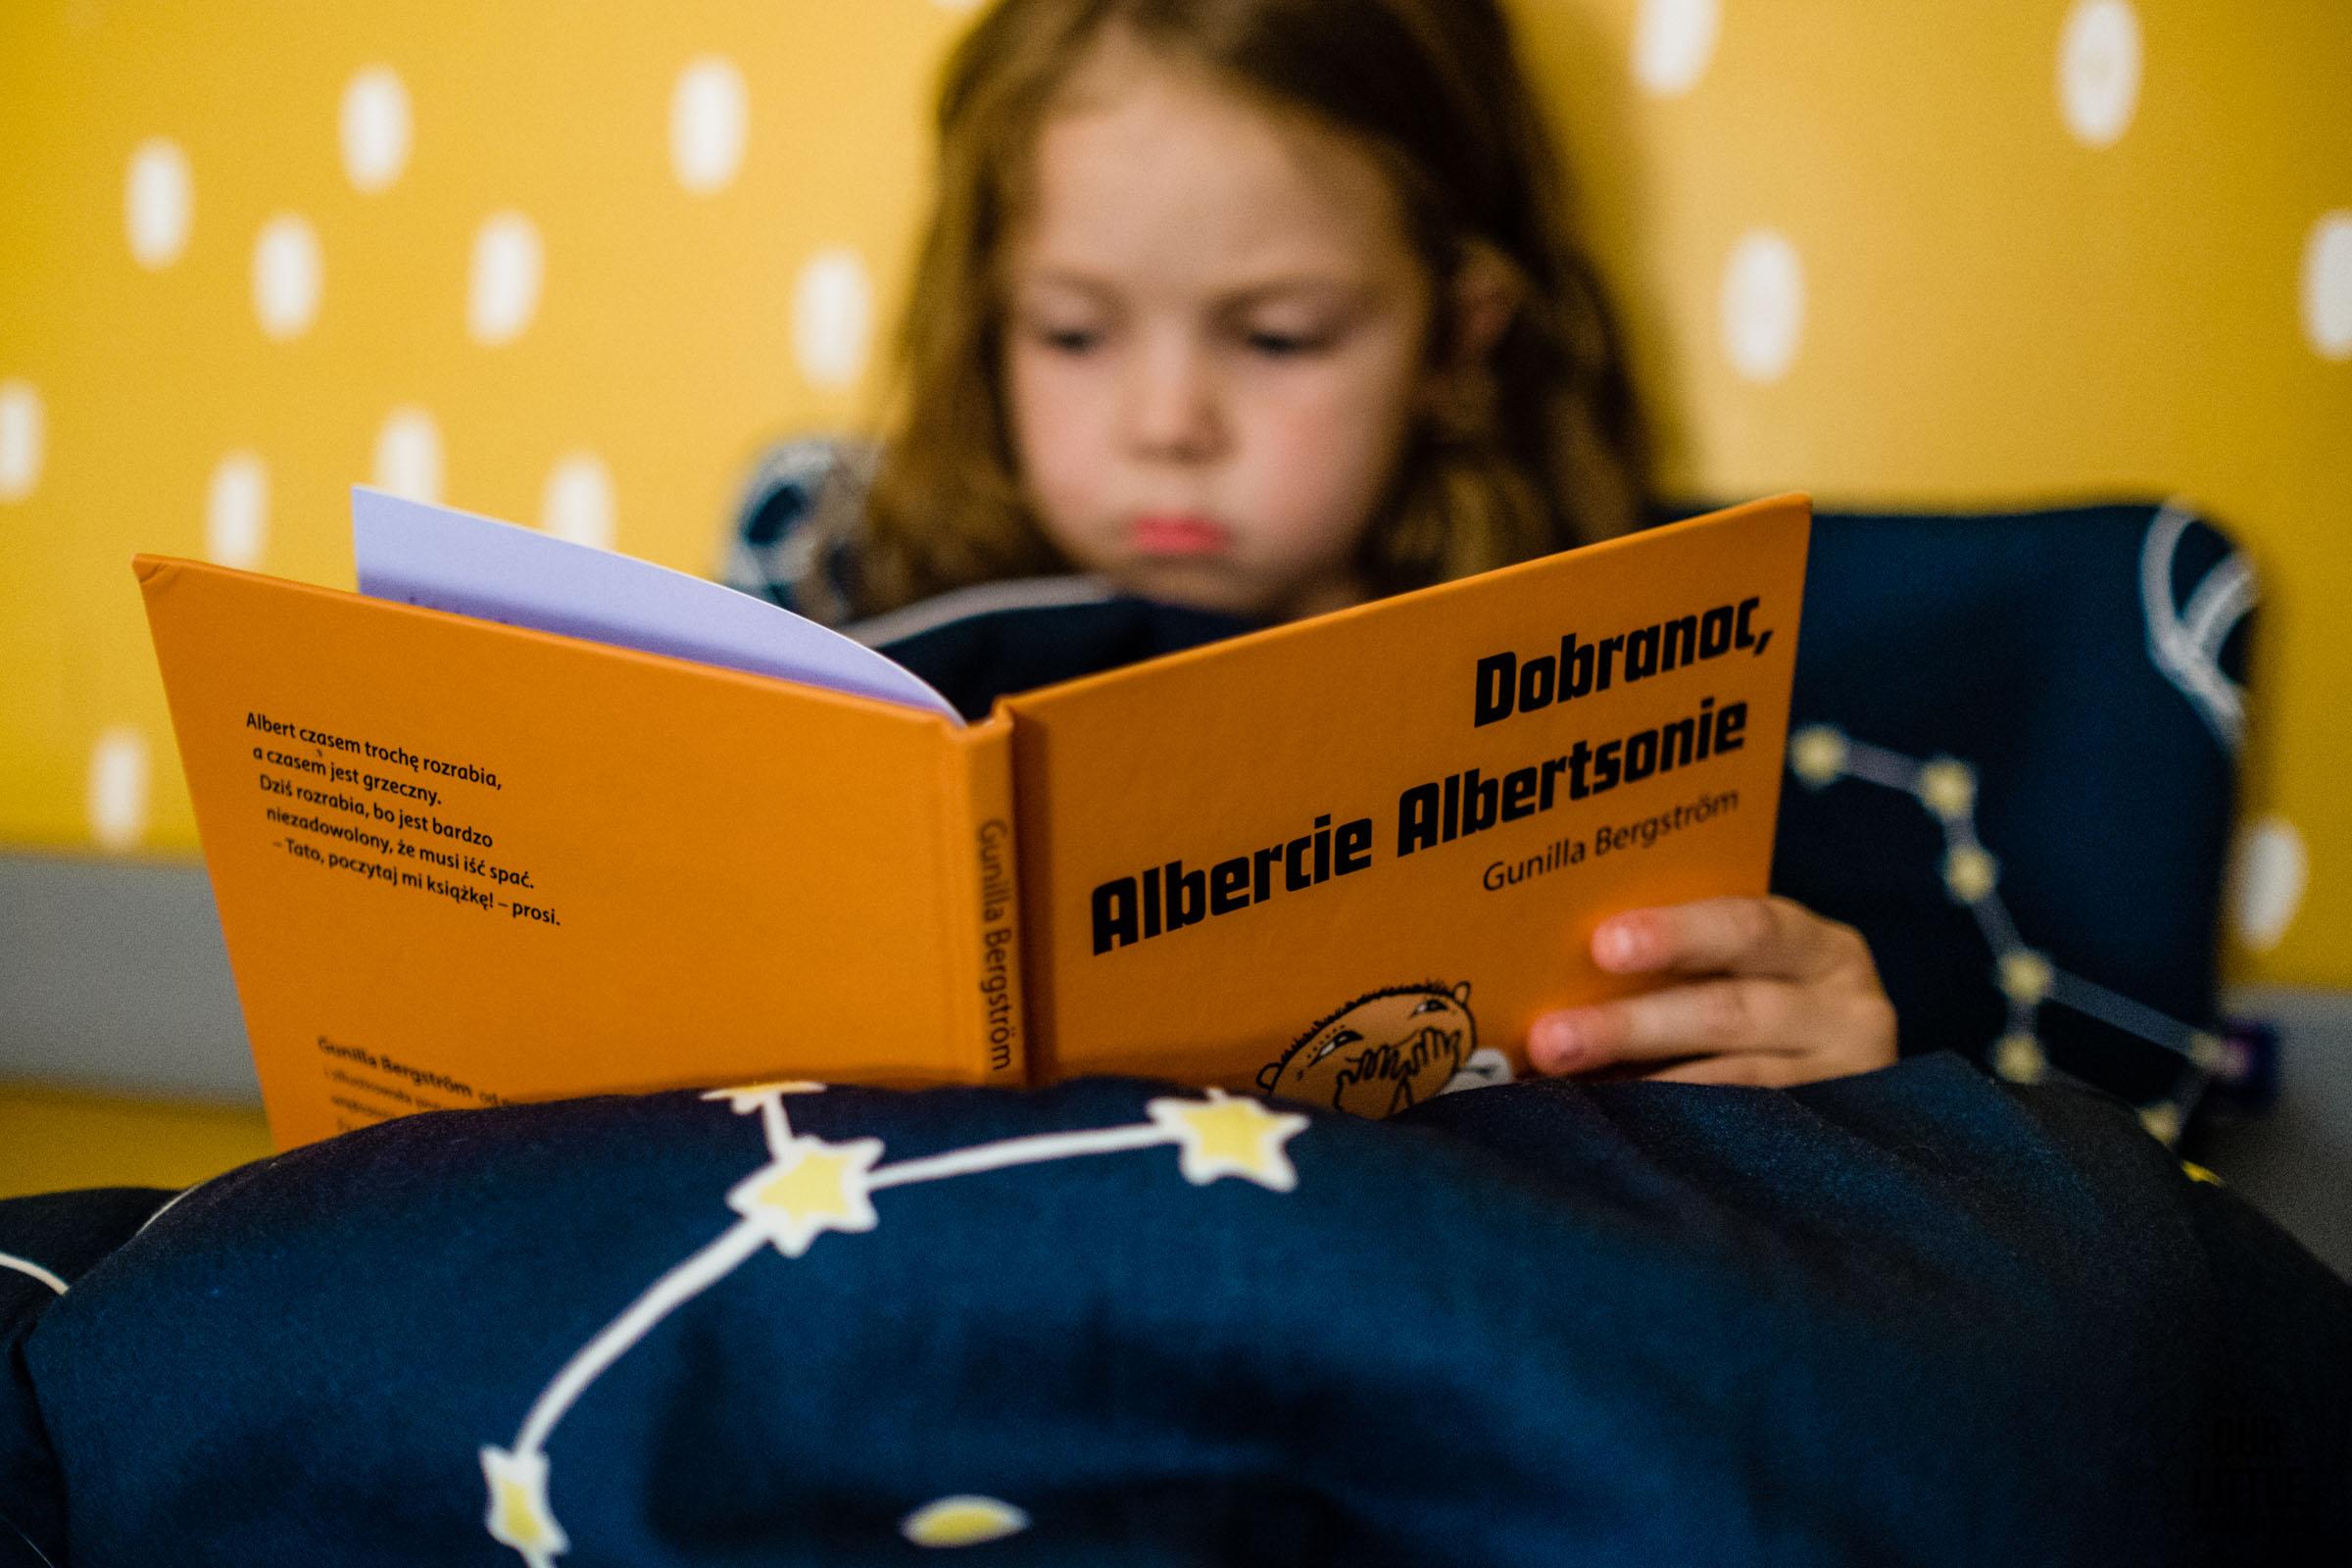 Dobranoc Albercie Albertsonie, Zakamarki, kołysanki na dobranoc, Our Little Adventures